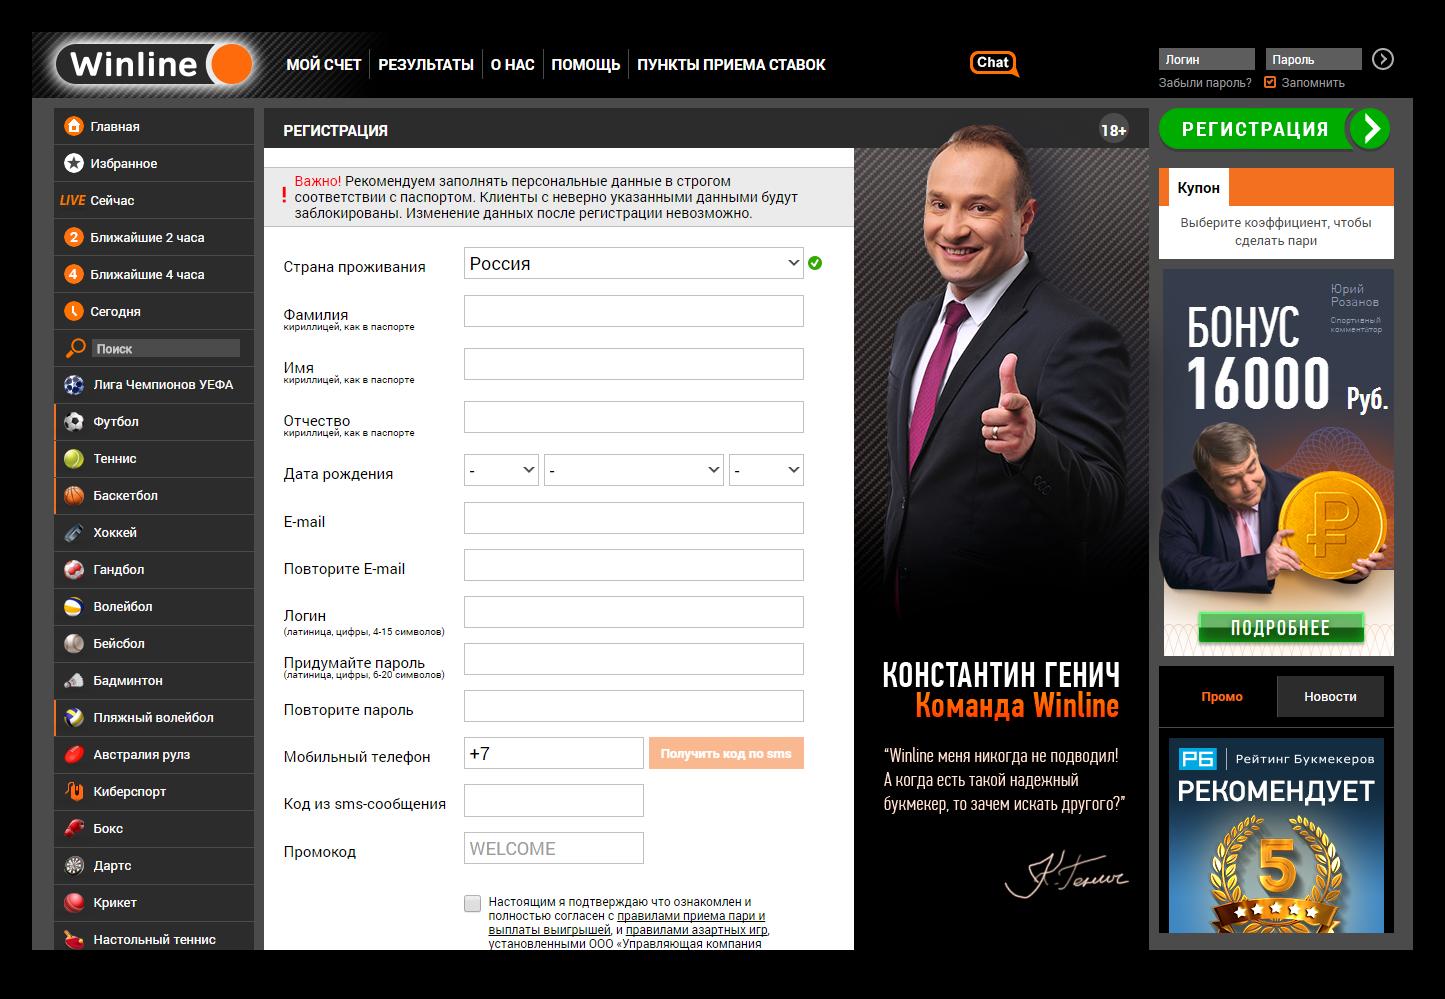 Winline регистрация на сайте букмекерской конторы онлайн Винлайн